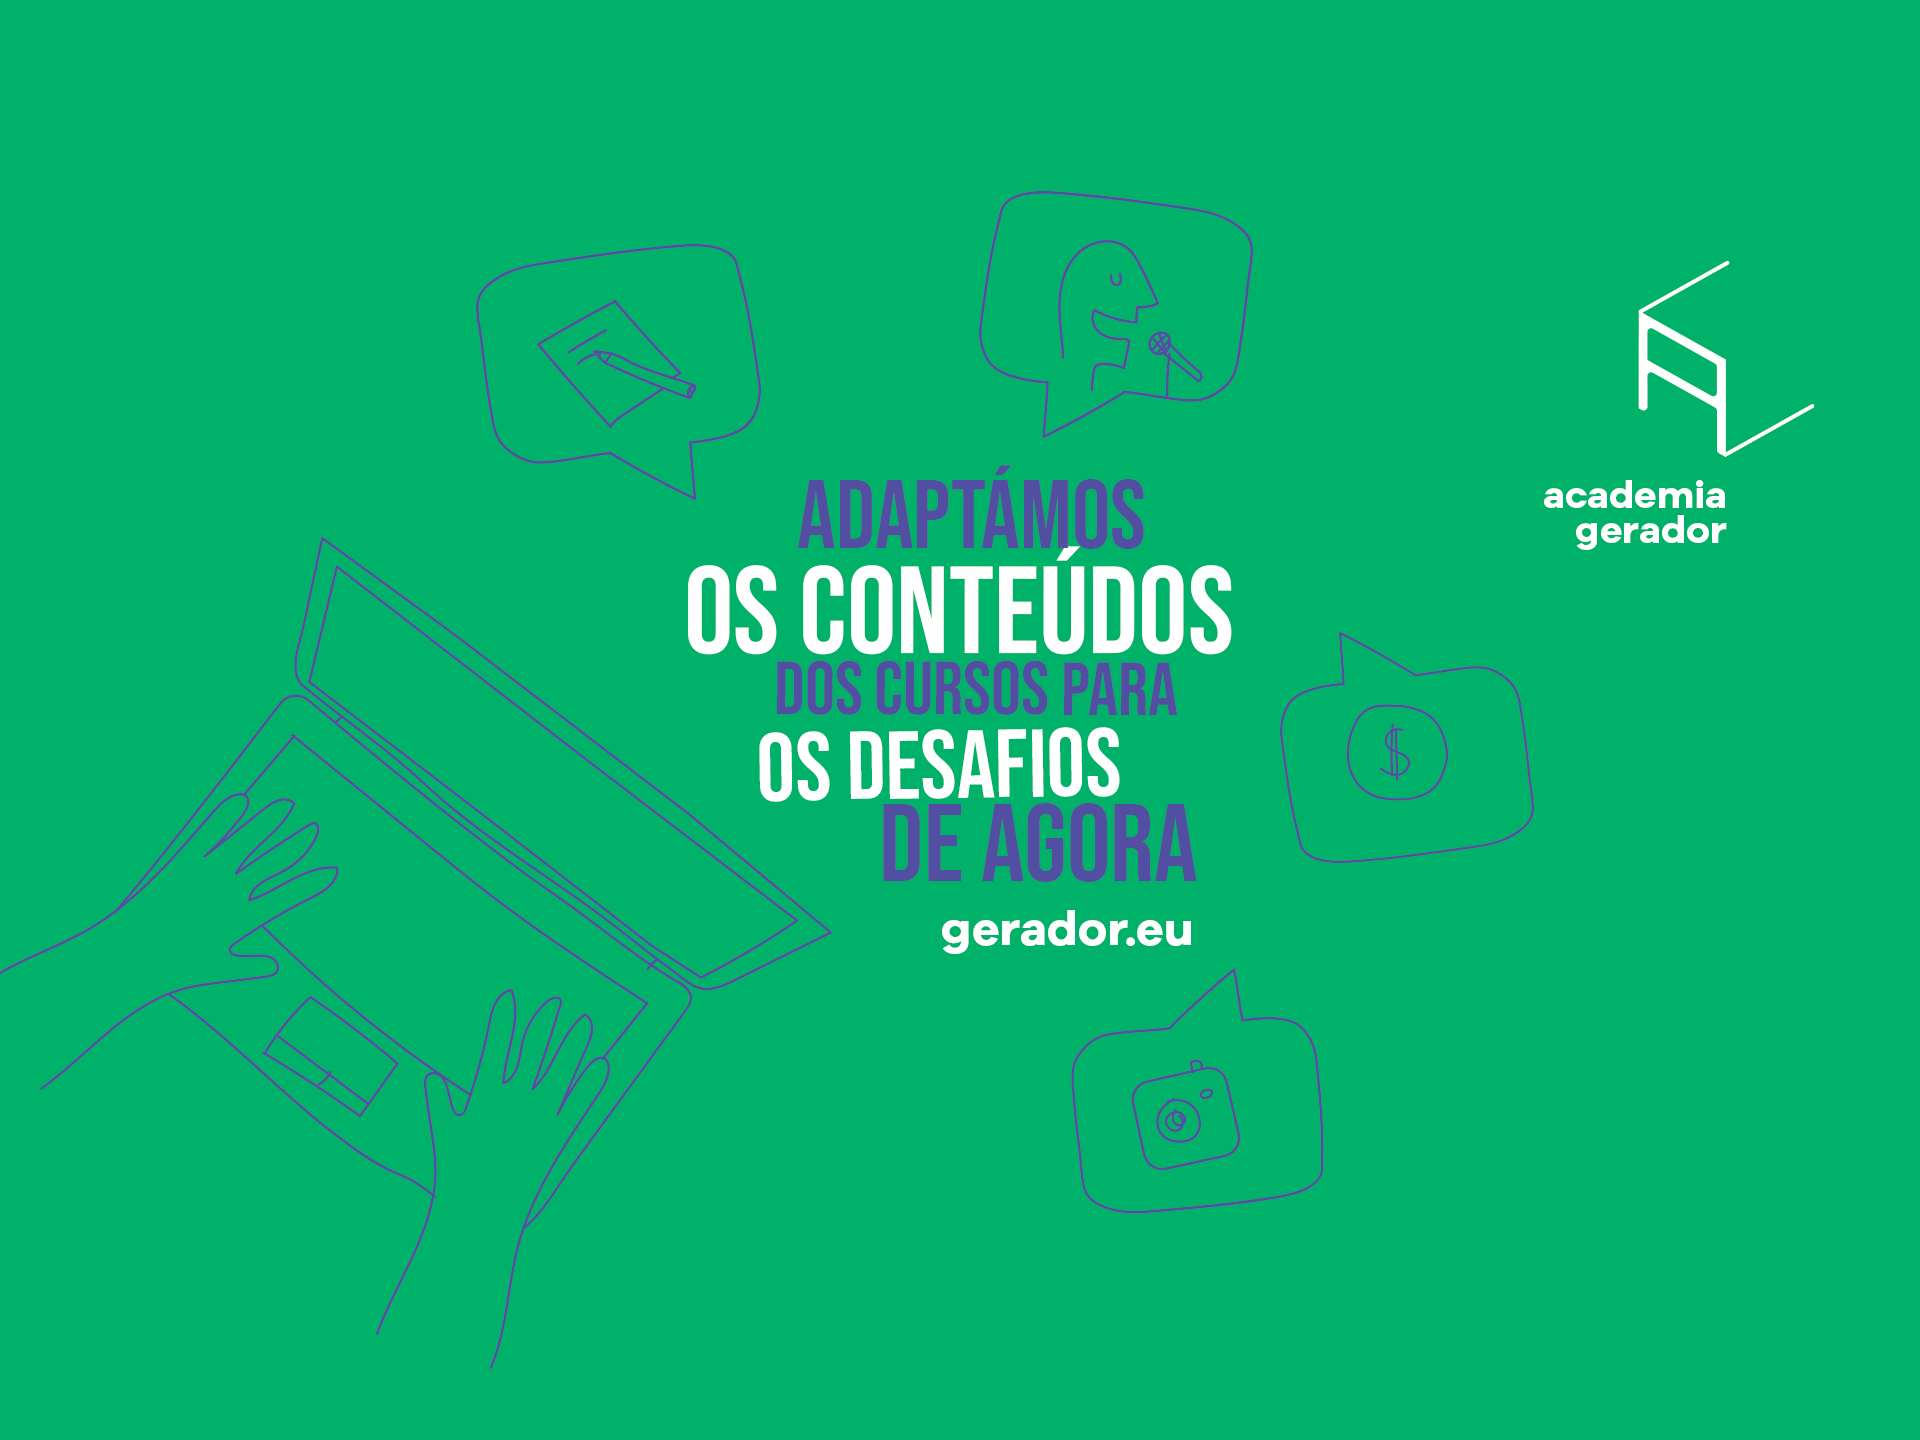 academia_gerador_cursos_adaptados_contexto_atual